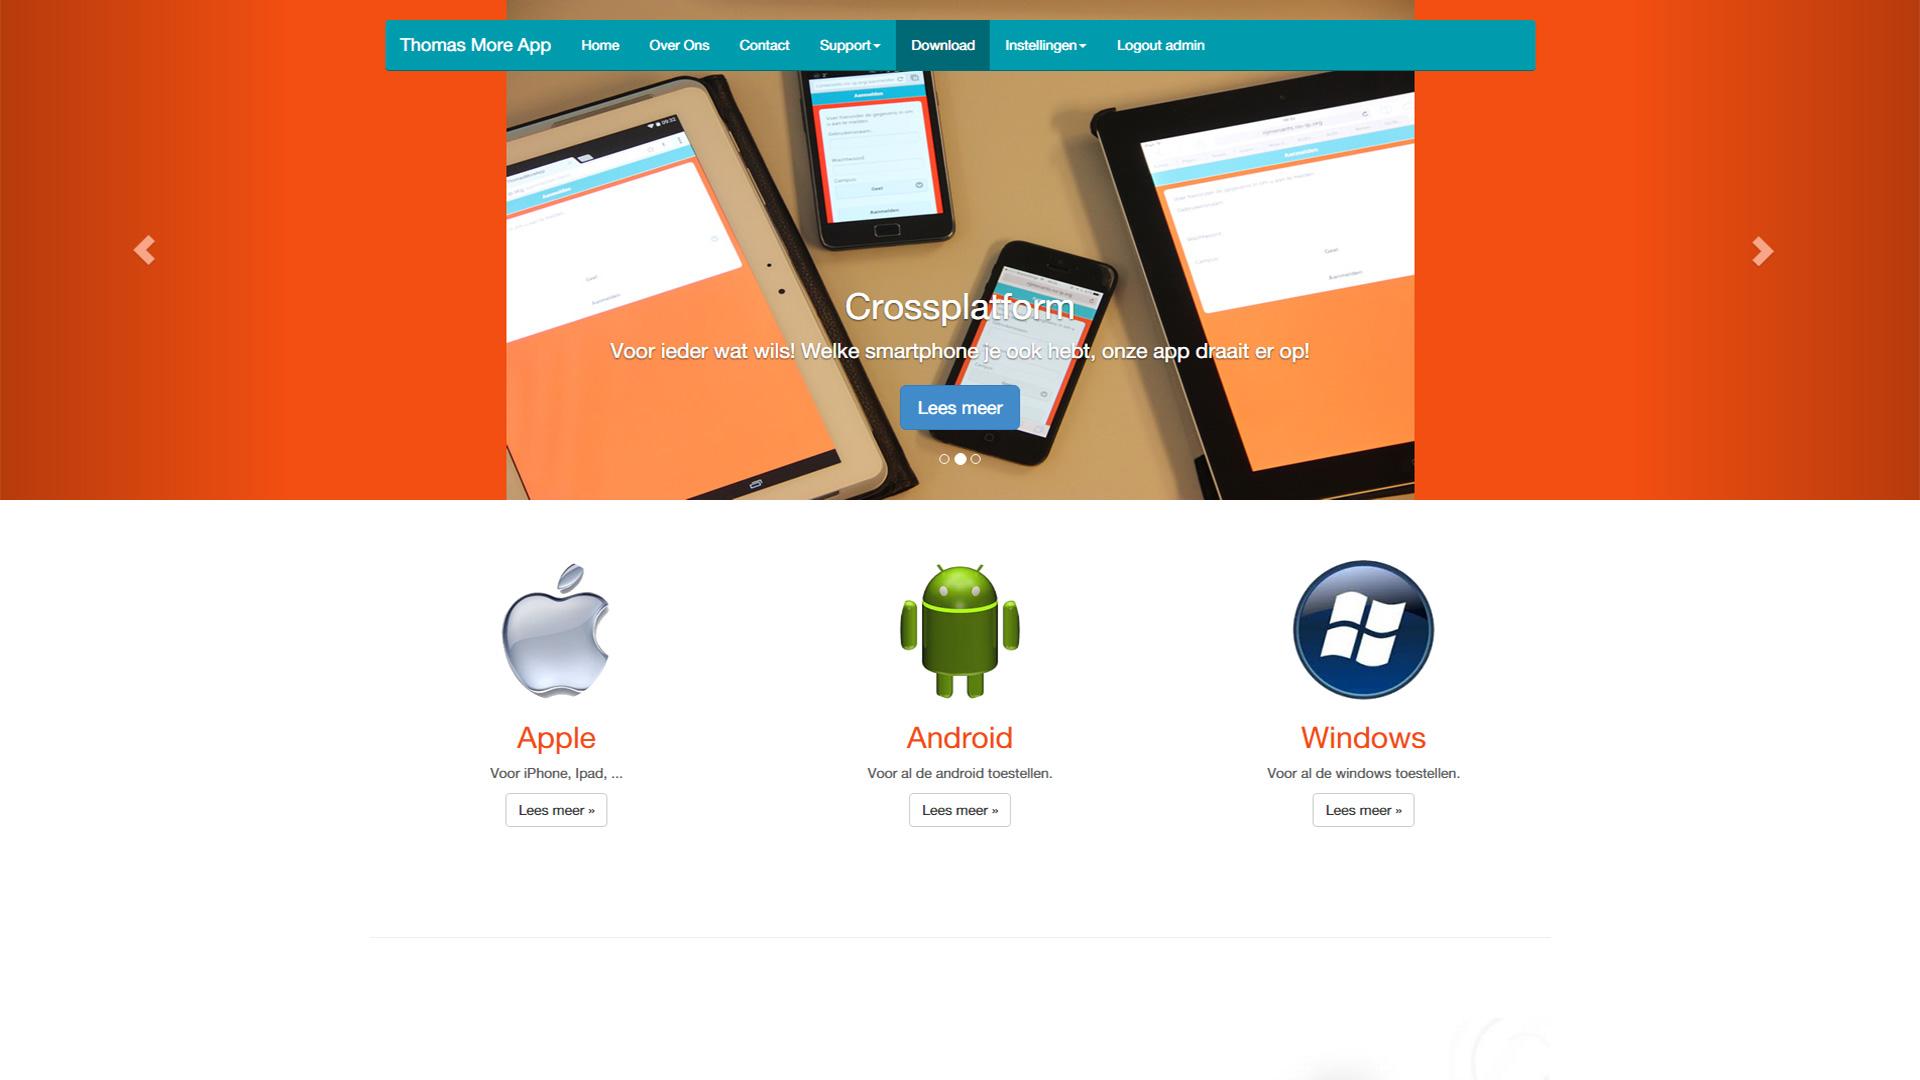 Thomas More App 2014